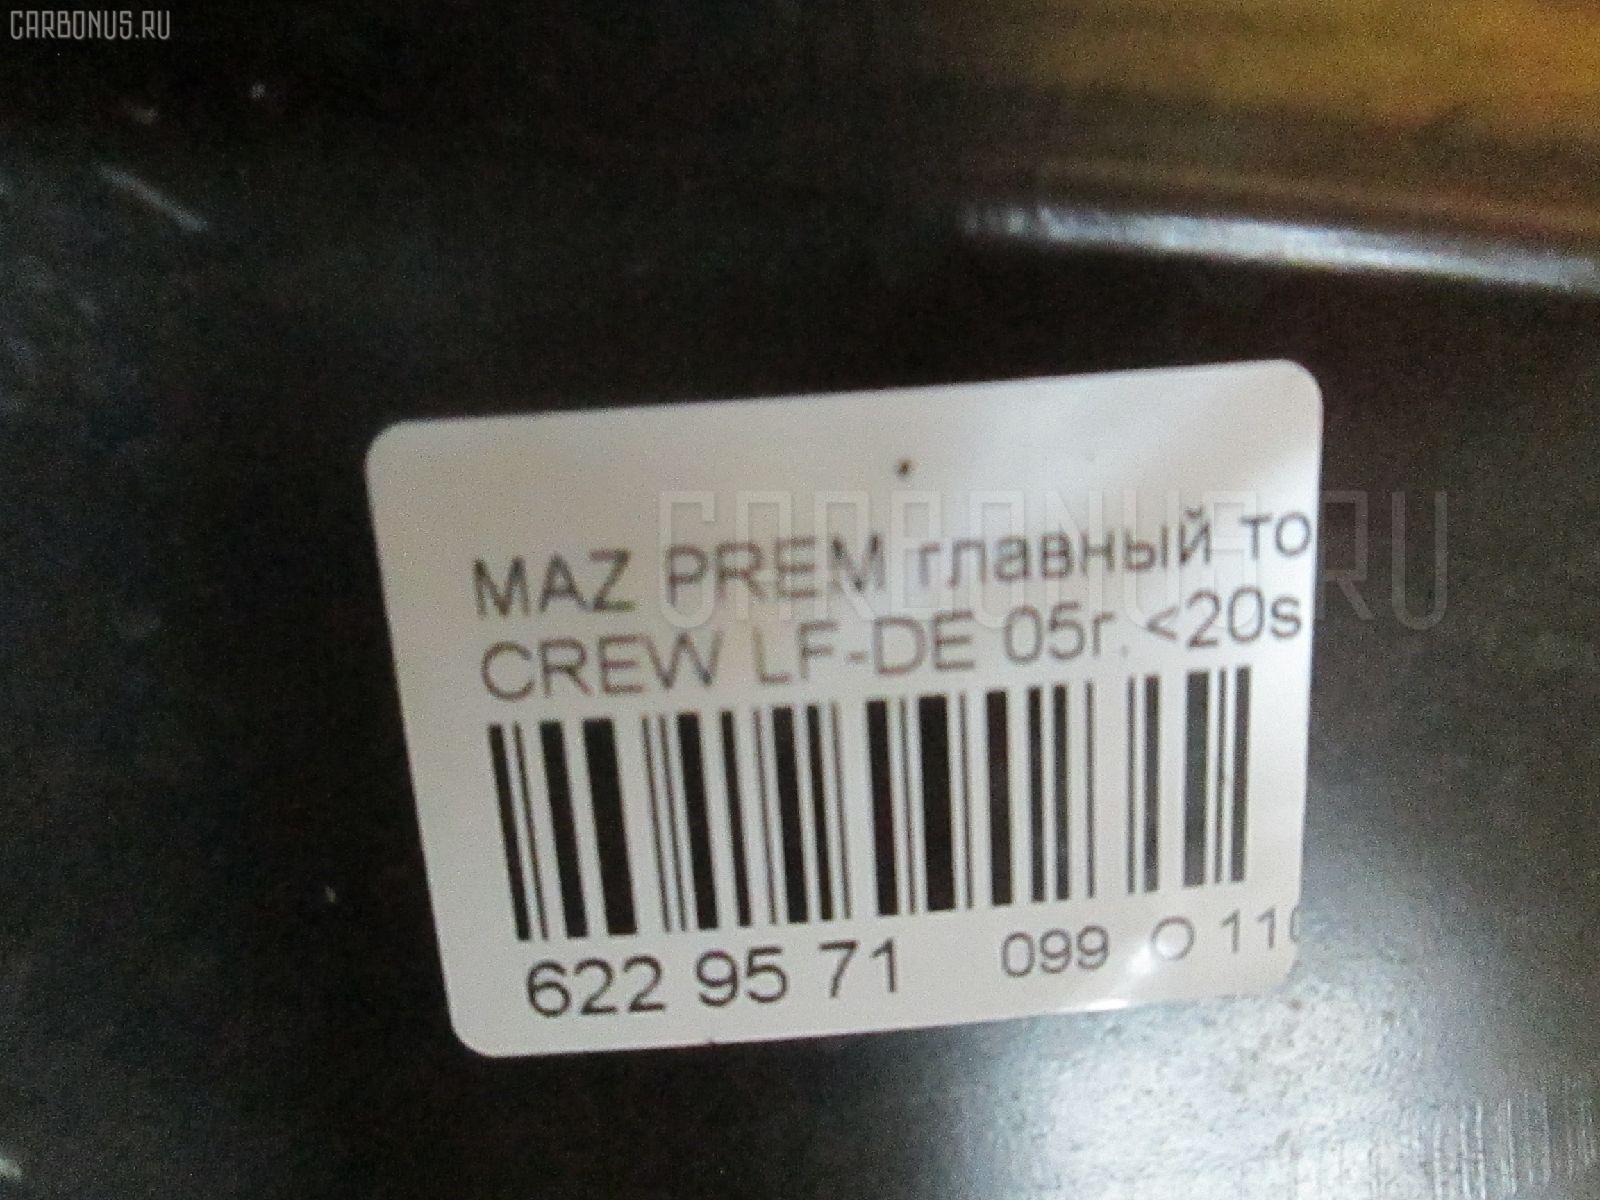 Главный тормозной цилиндр MAZDA PREMACY CREW LF-DE Фото 4